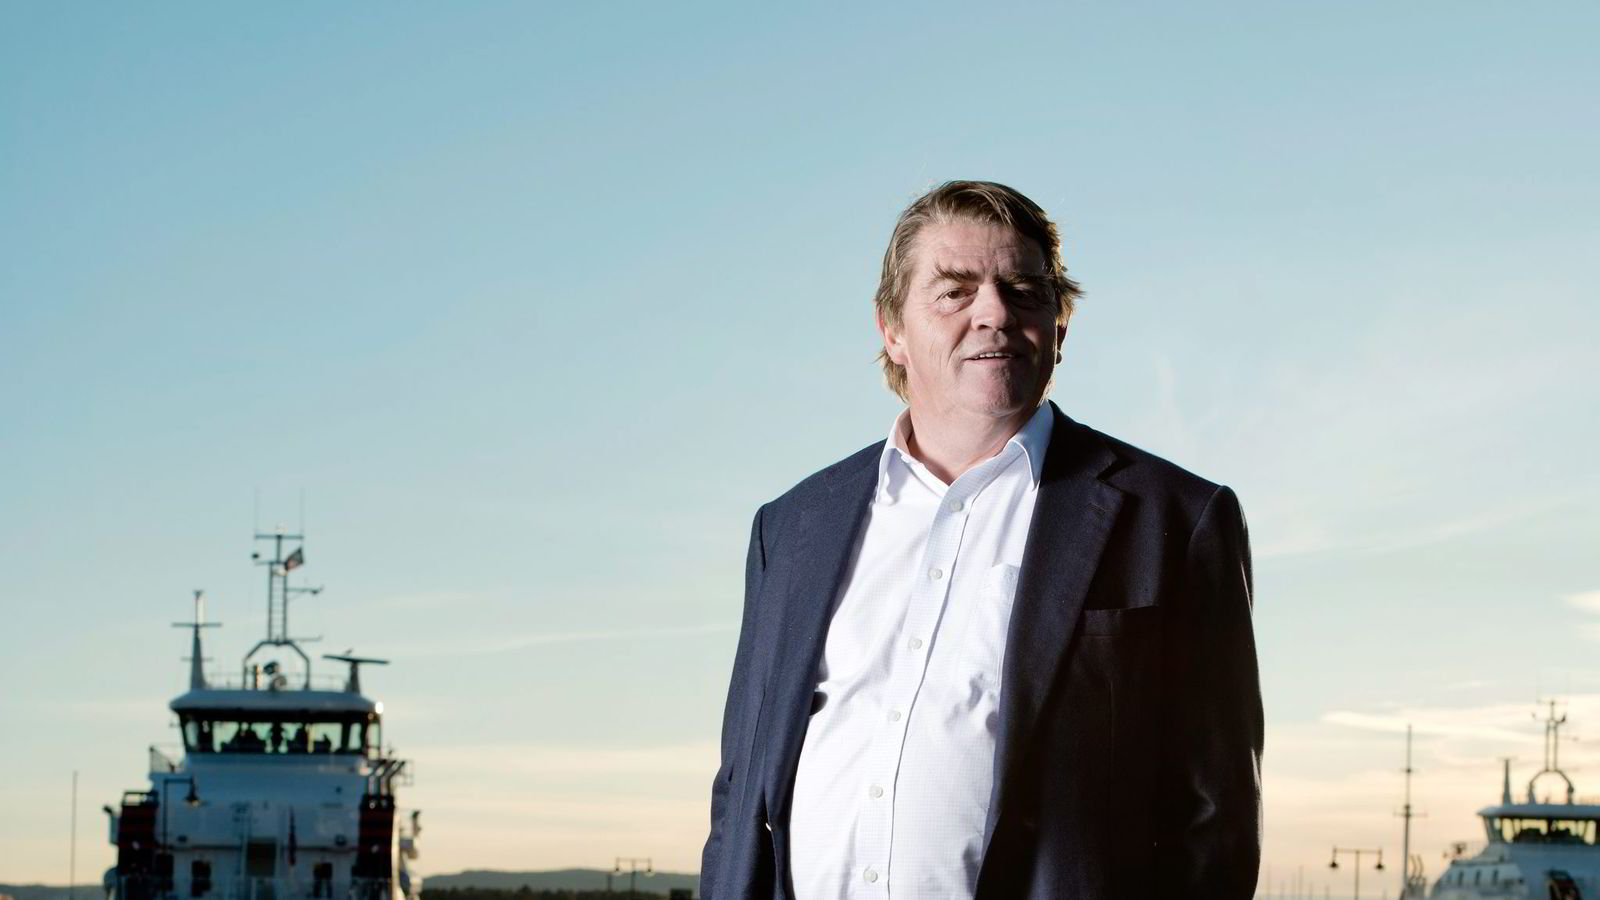 Jan Petter Sissener har jobbet i meglerbransjen siden 80-tallet. Han har bygget opp flere meglerhus i Norge.